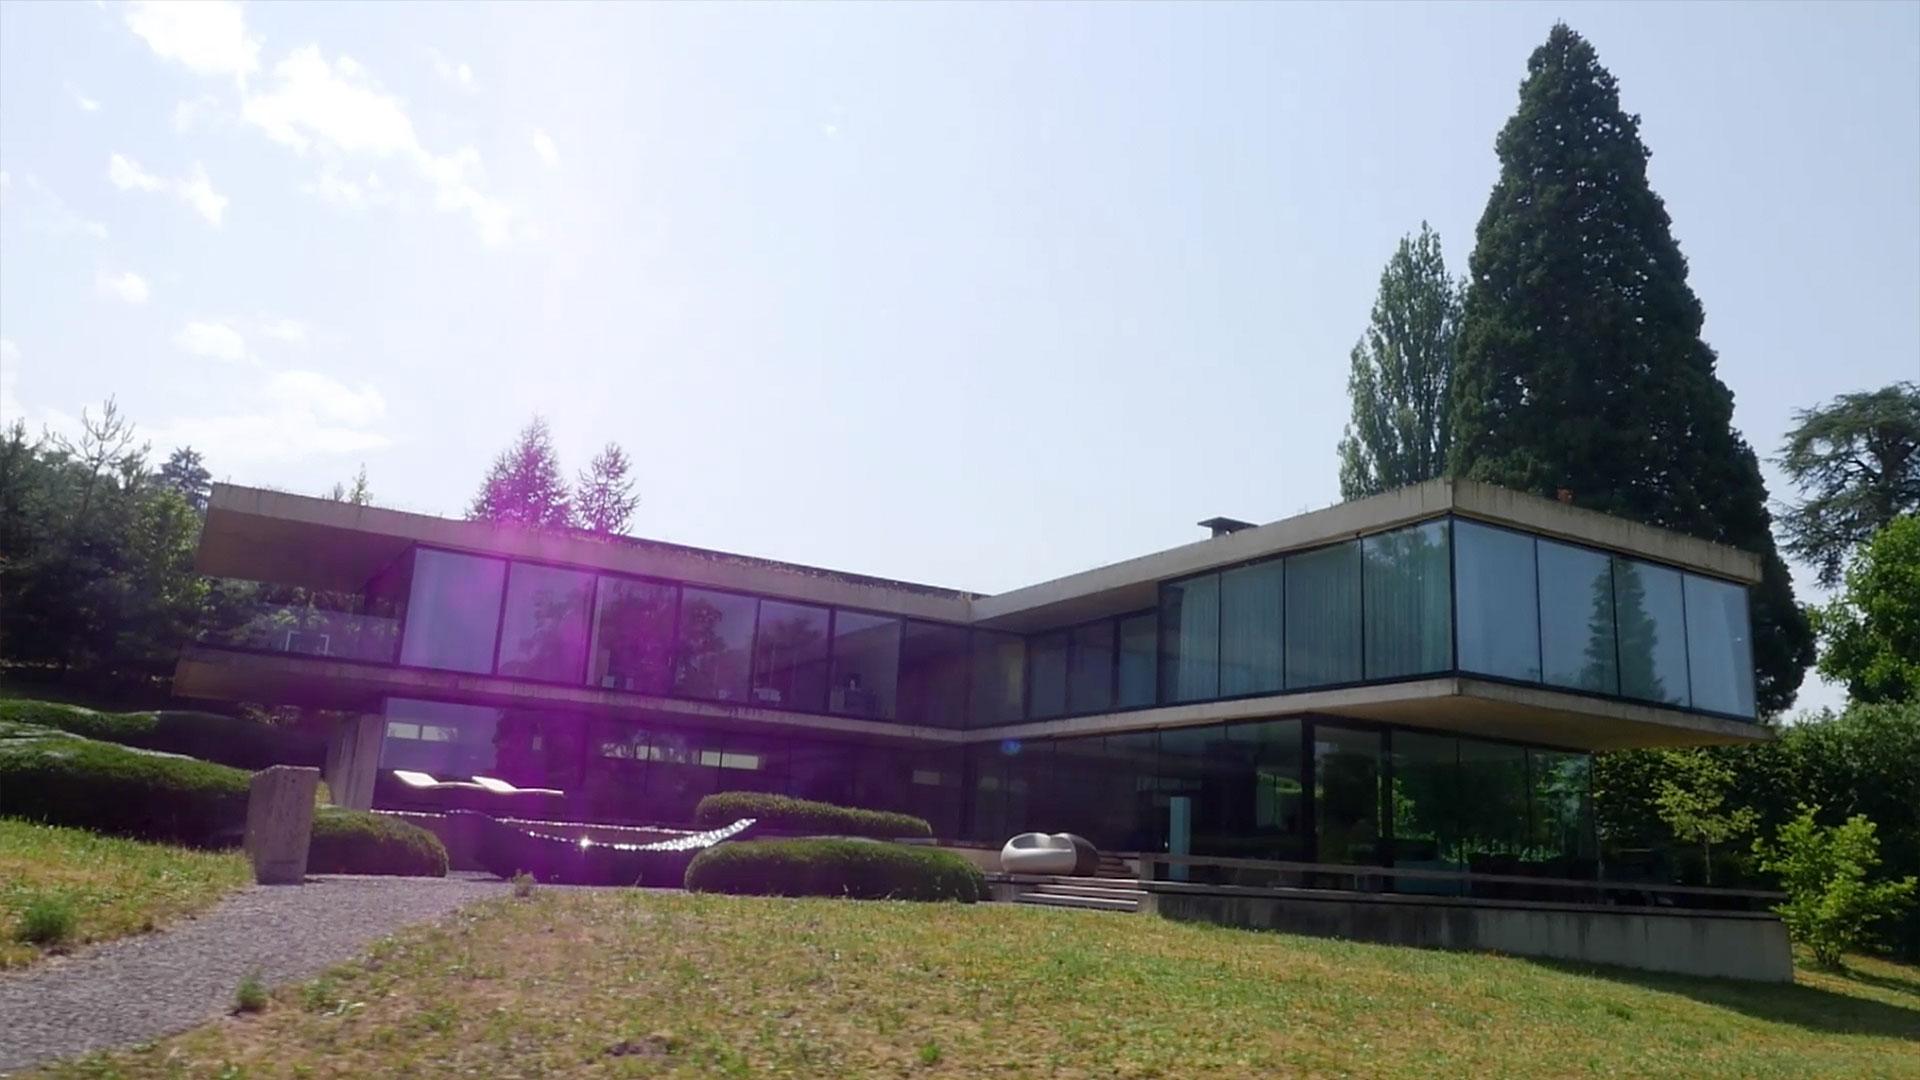 Villa st niklausenstrasse kastanienbaum amberg - Architekt amberg ...